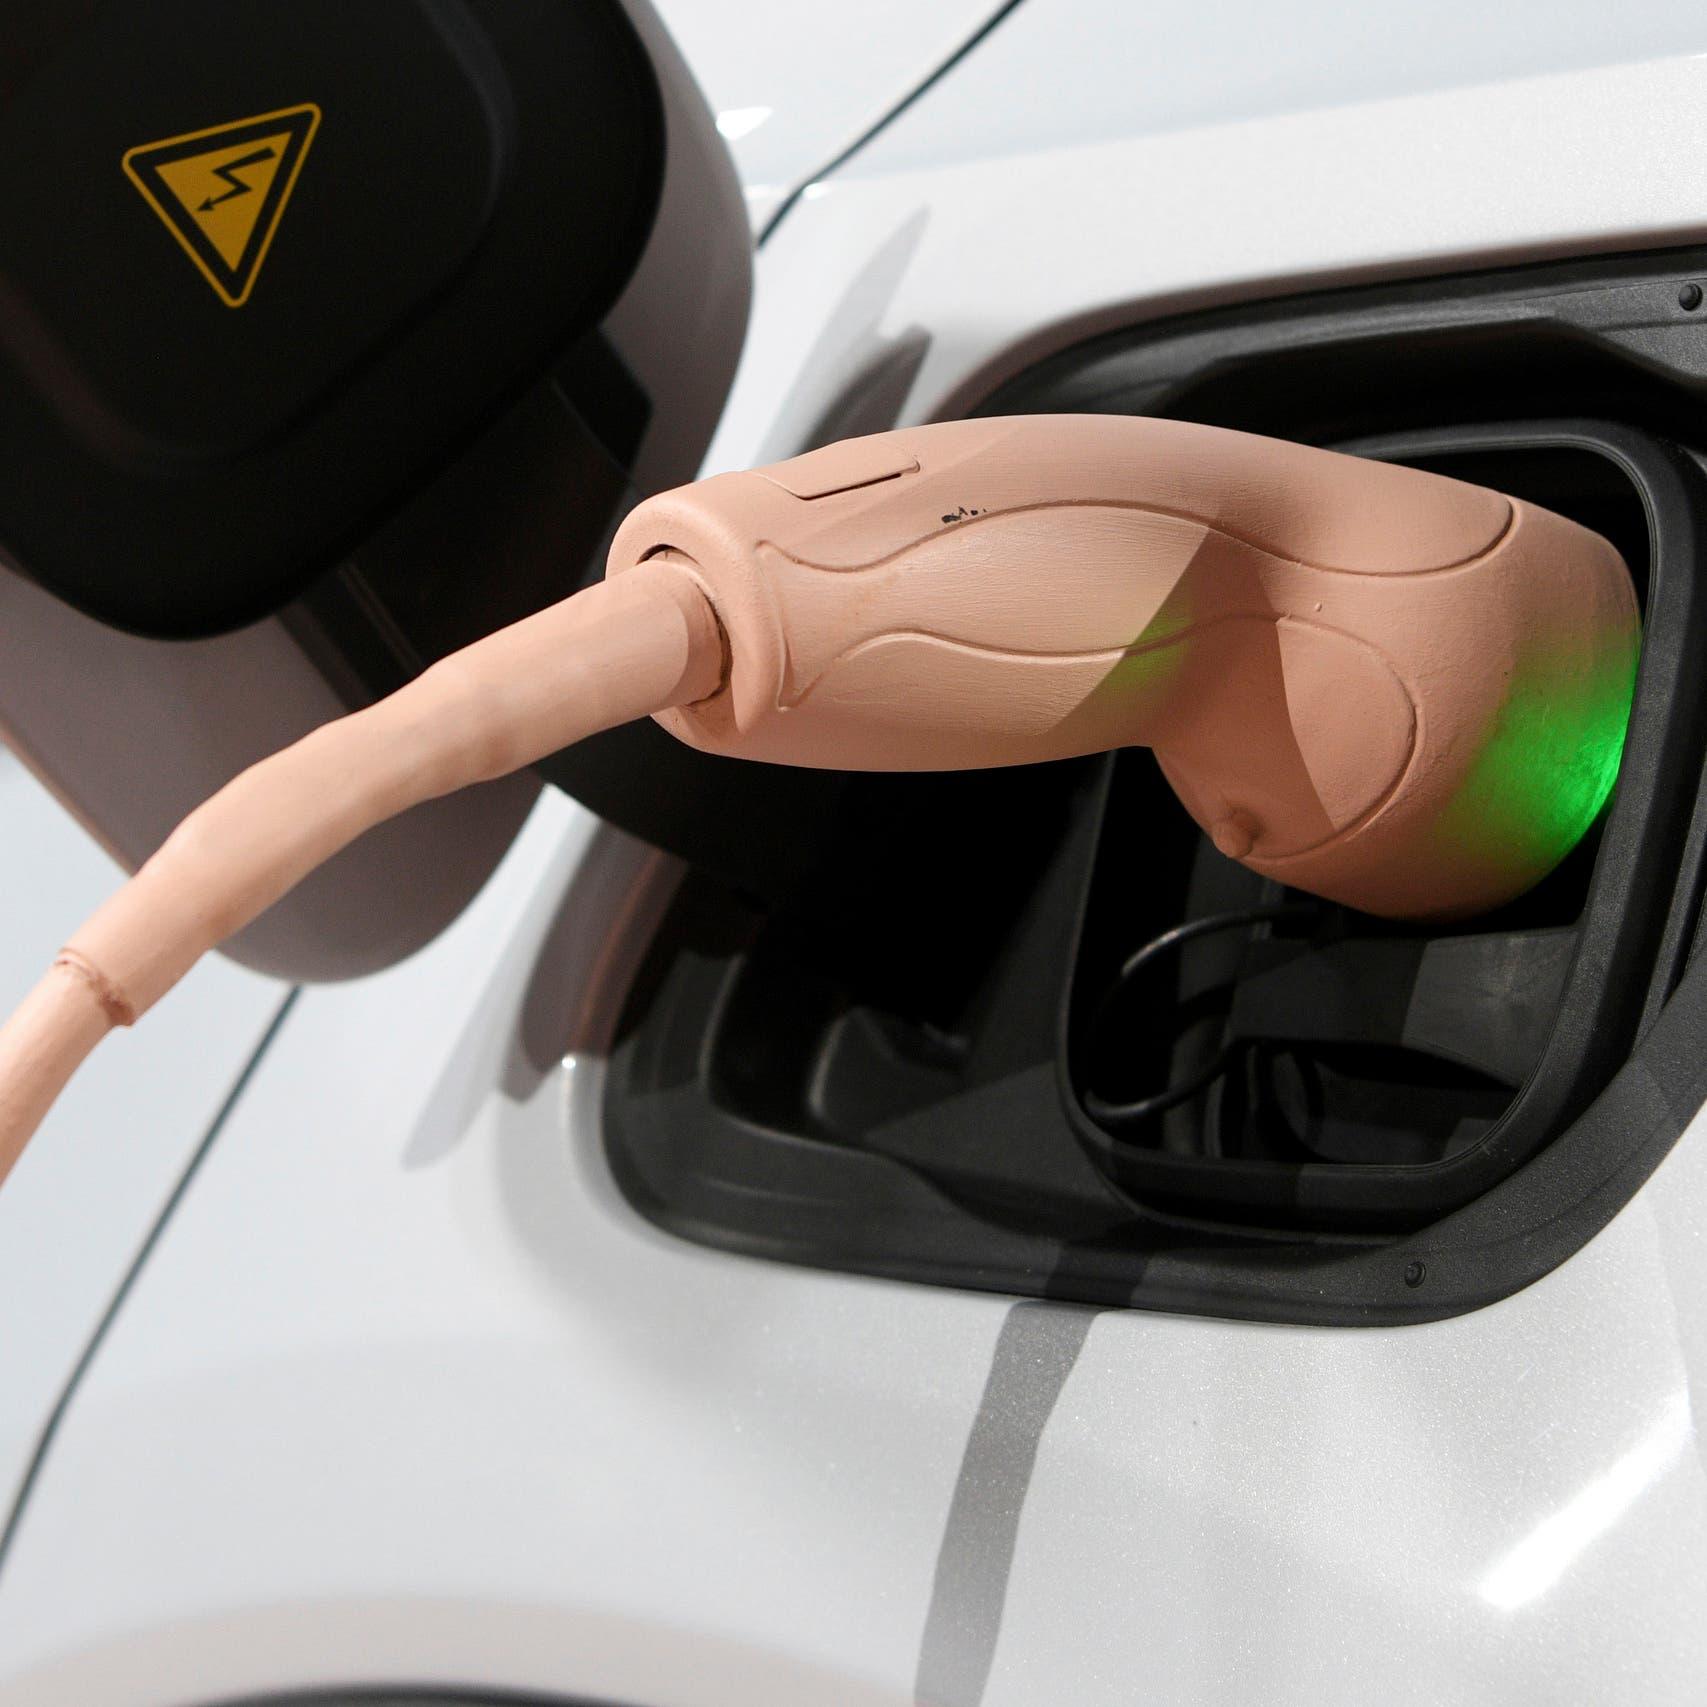 سيارات فولفو تتحول كهربائية بالكامل بحلول هذا العام